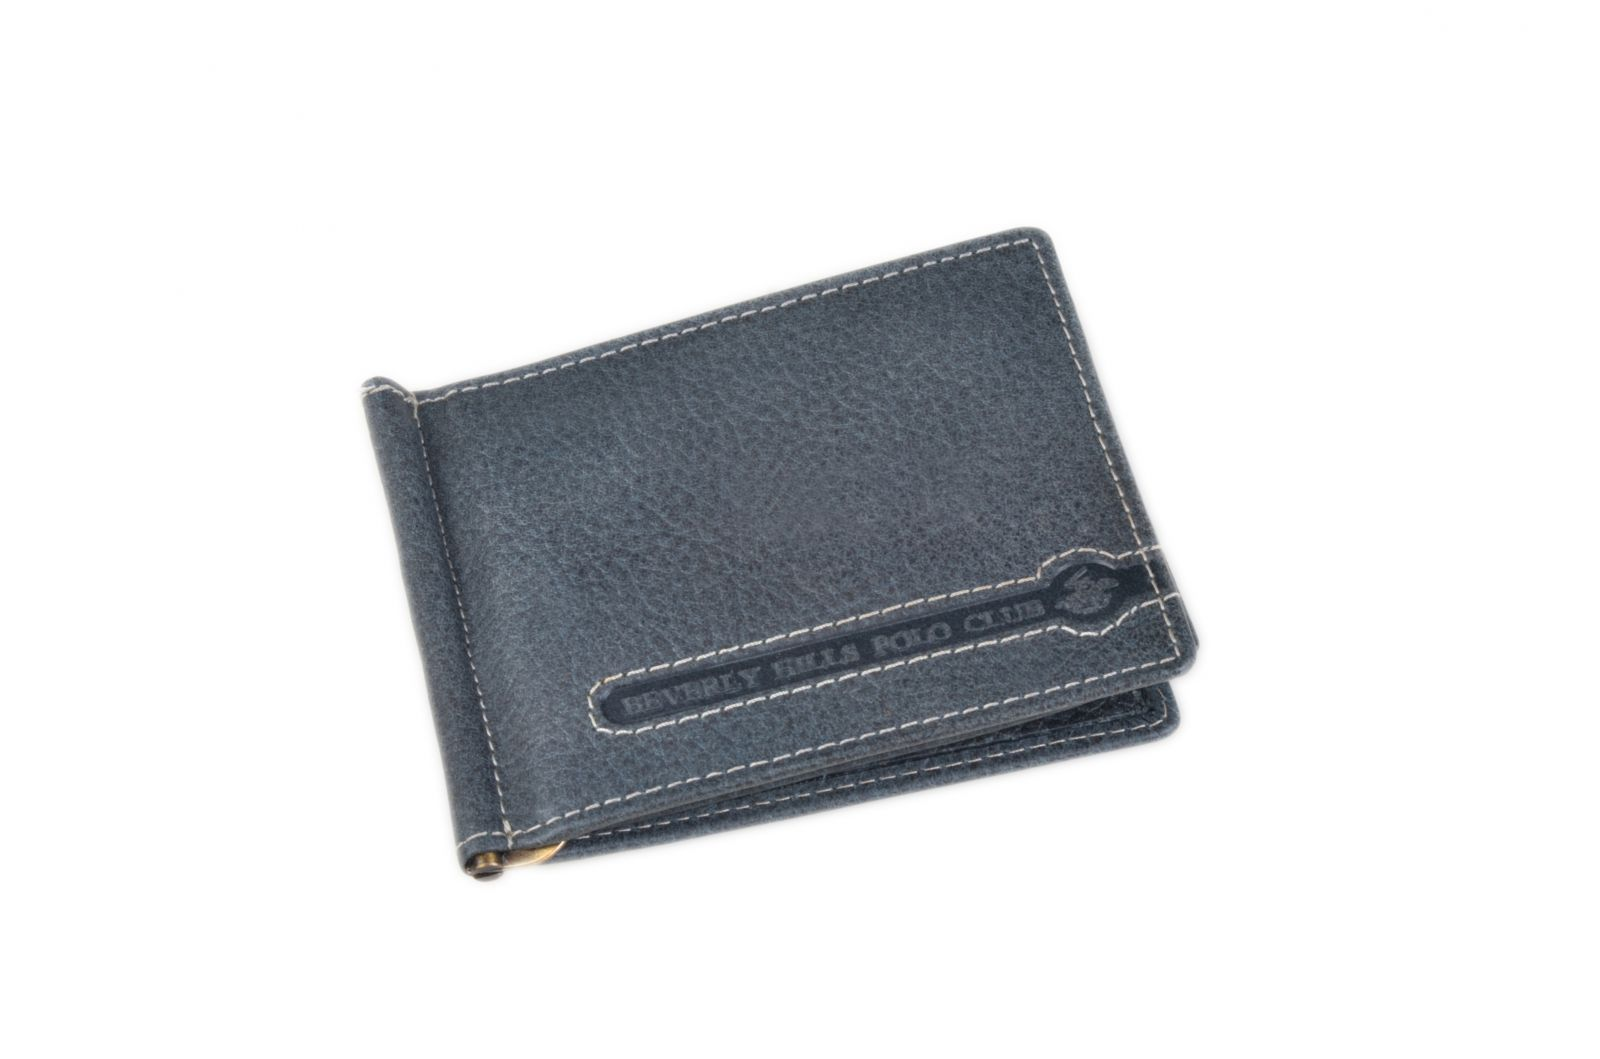 Celokožená pánská peněženka / dolarovka BHPC Tucson BH-398-05 modrá